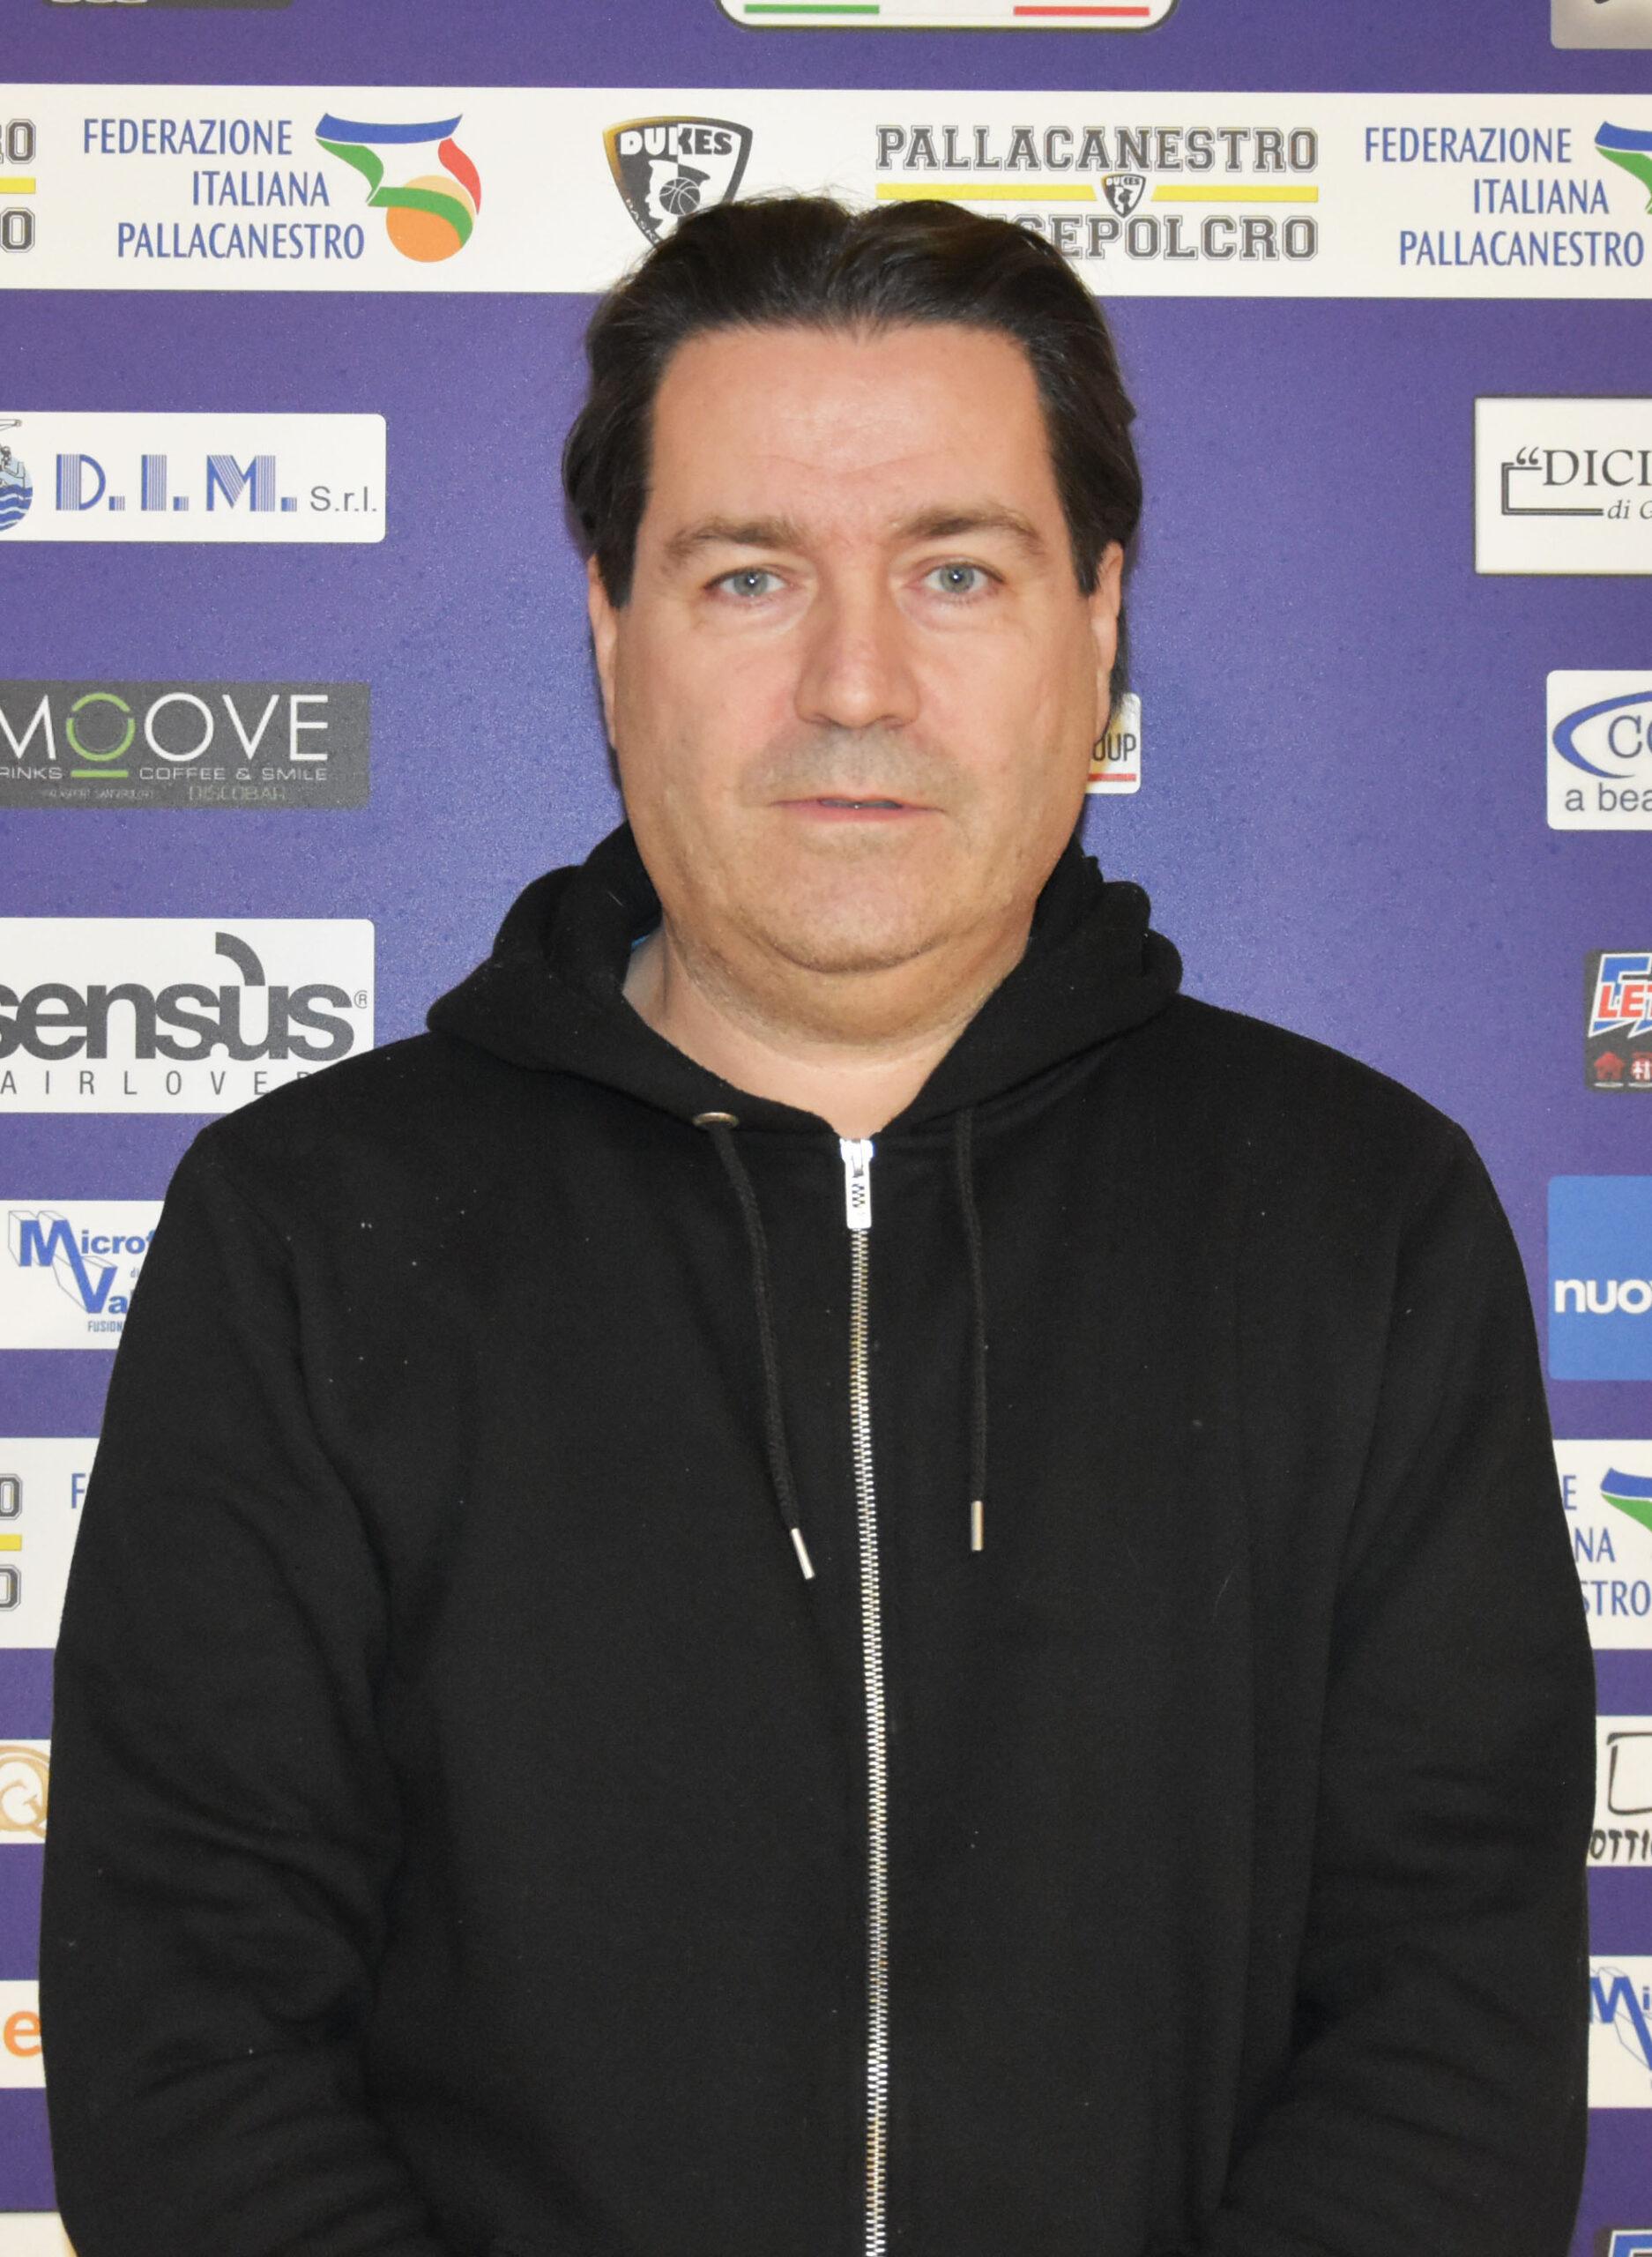 Marco Cirignoni